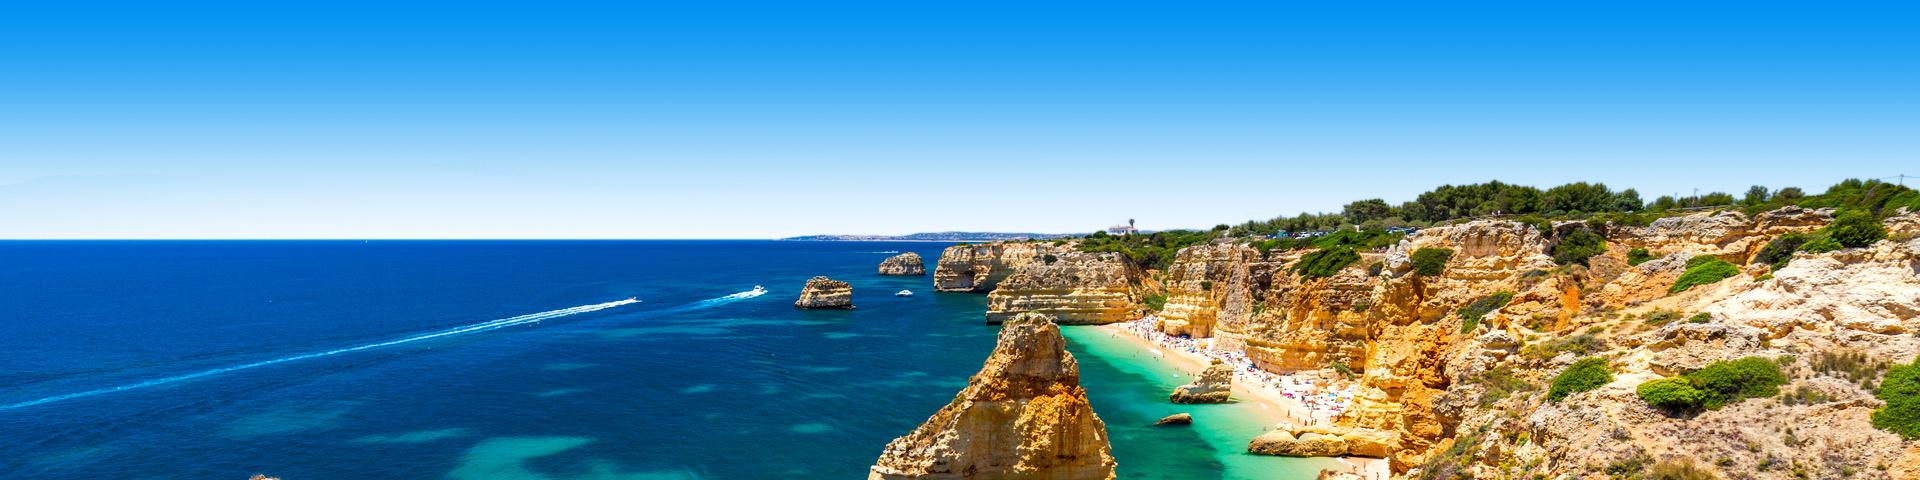 Blauwe zee met gesteente in Portugal